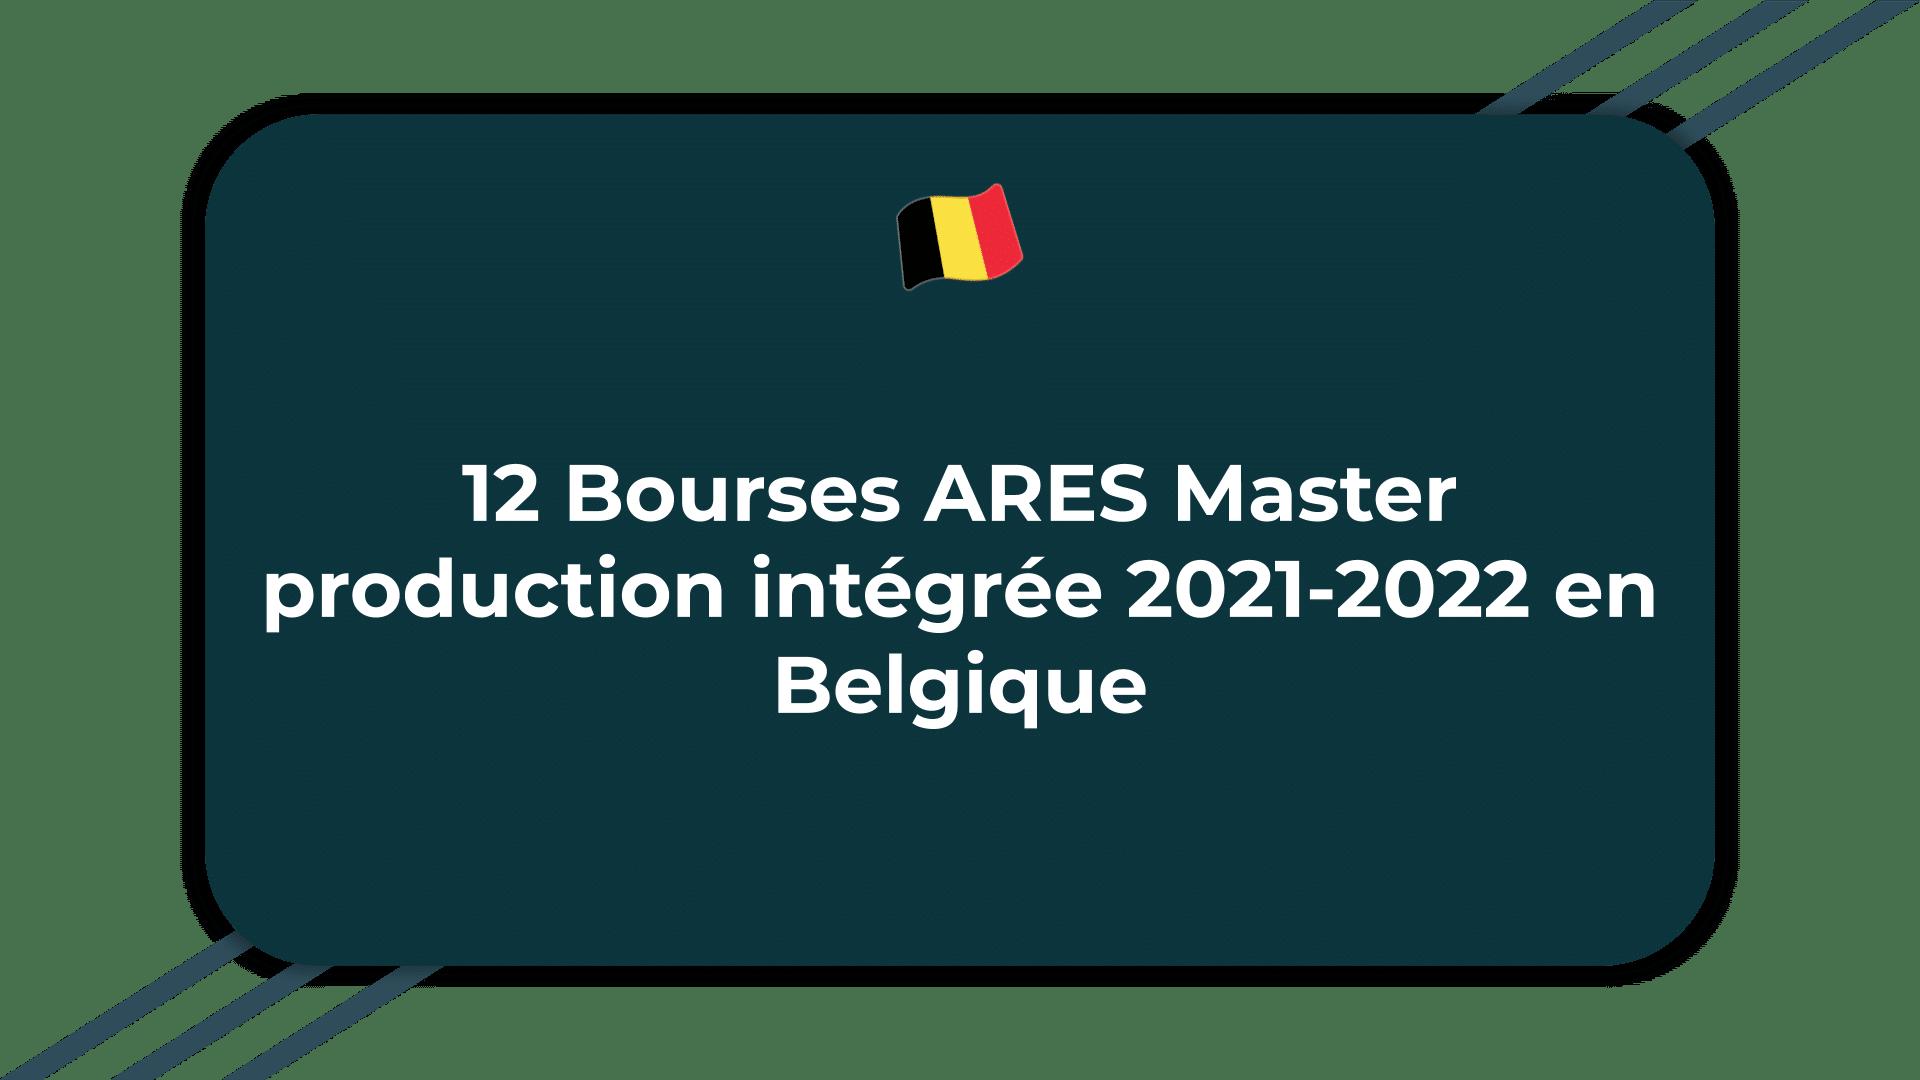 12 Bourses ARES Master production intégrée